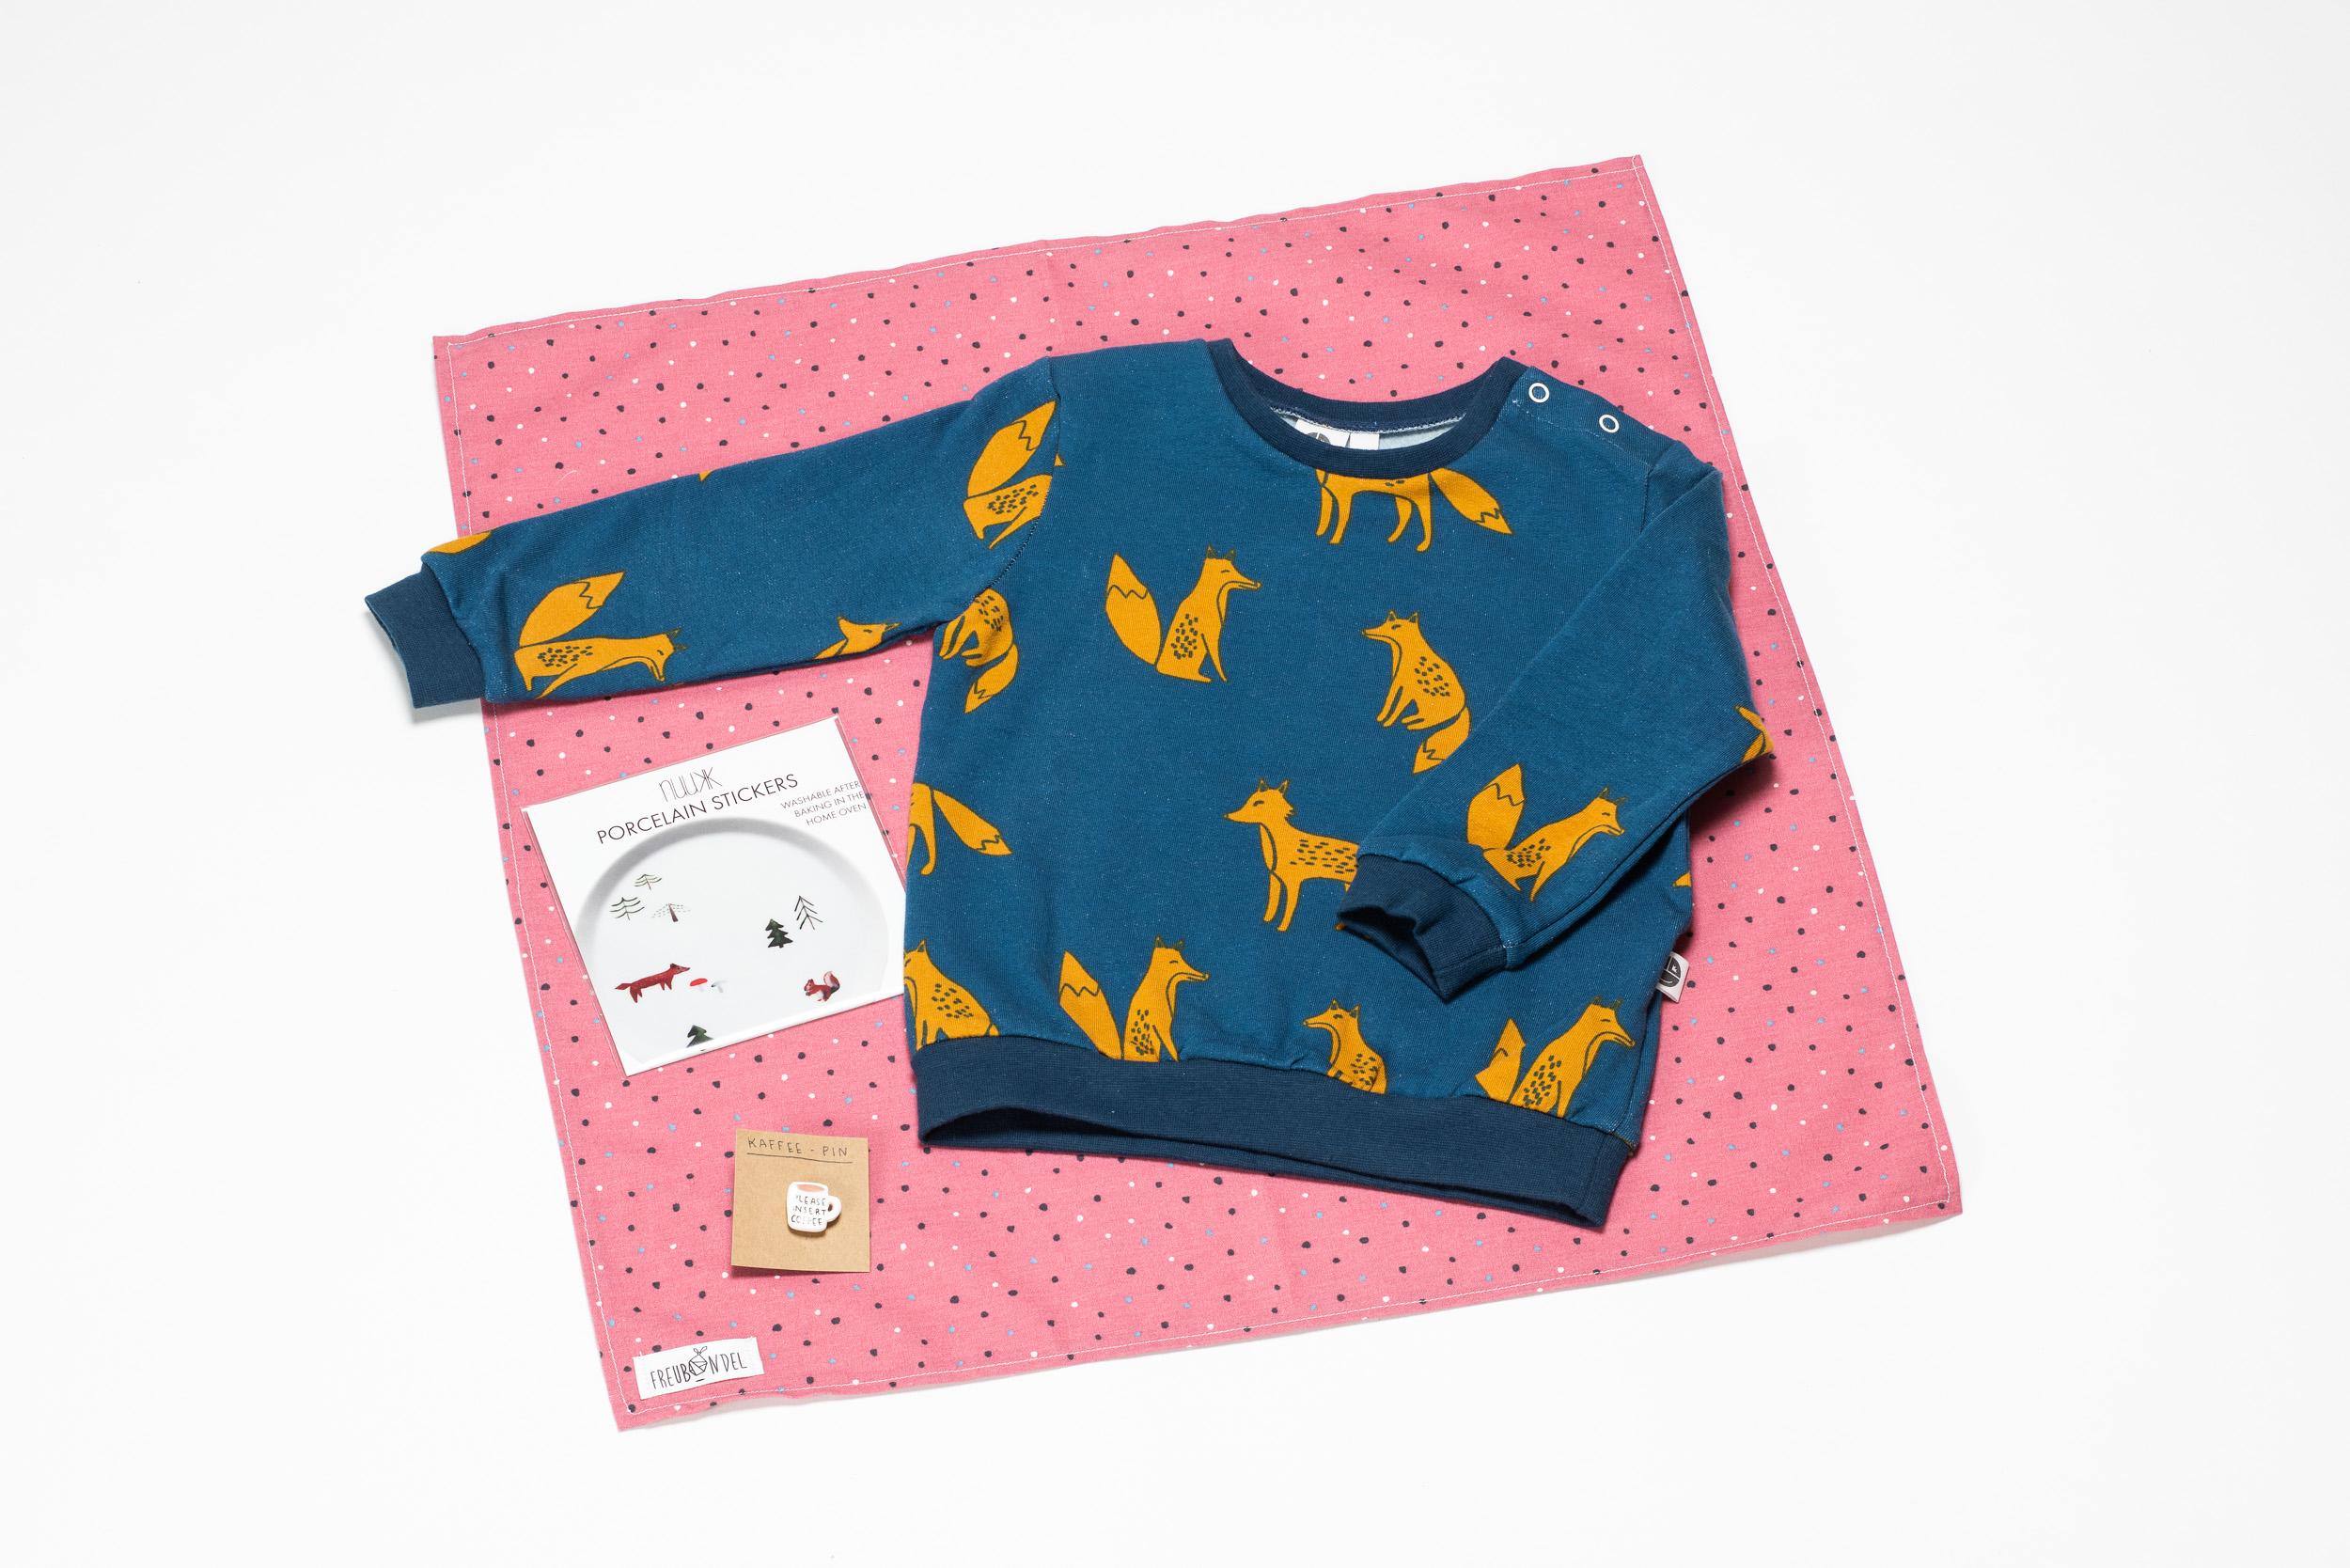 Das Freubündel im Januar 2019. Drin war ein Bio-Sweatshirt von Pünktchen Komma Strich, Porzellansticker von nuukk und ein Pin von Alexa malt für die Mamas.